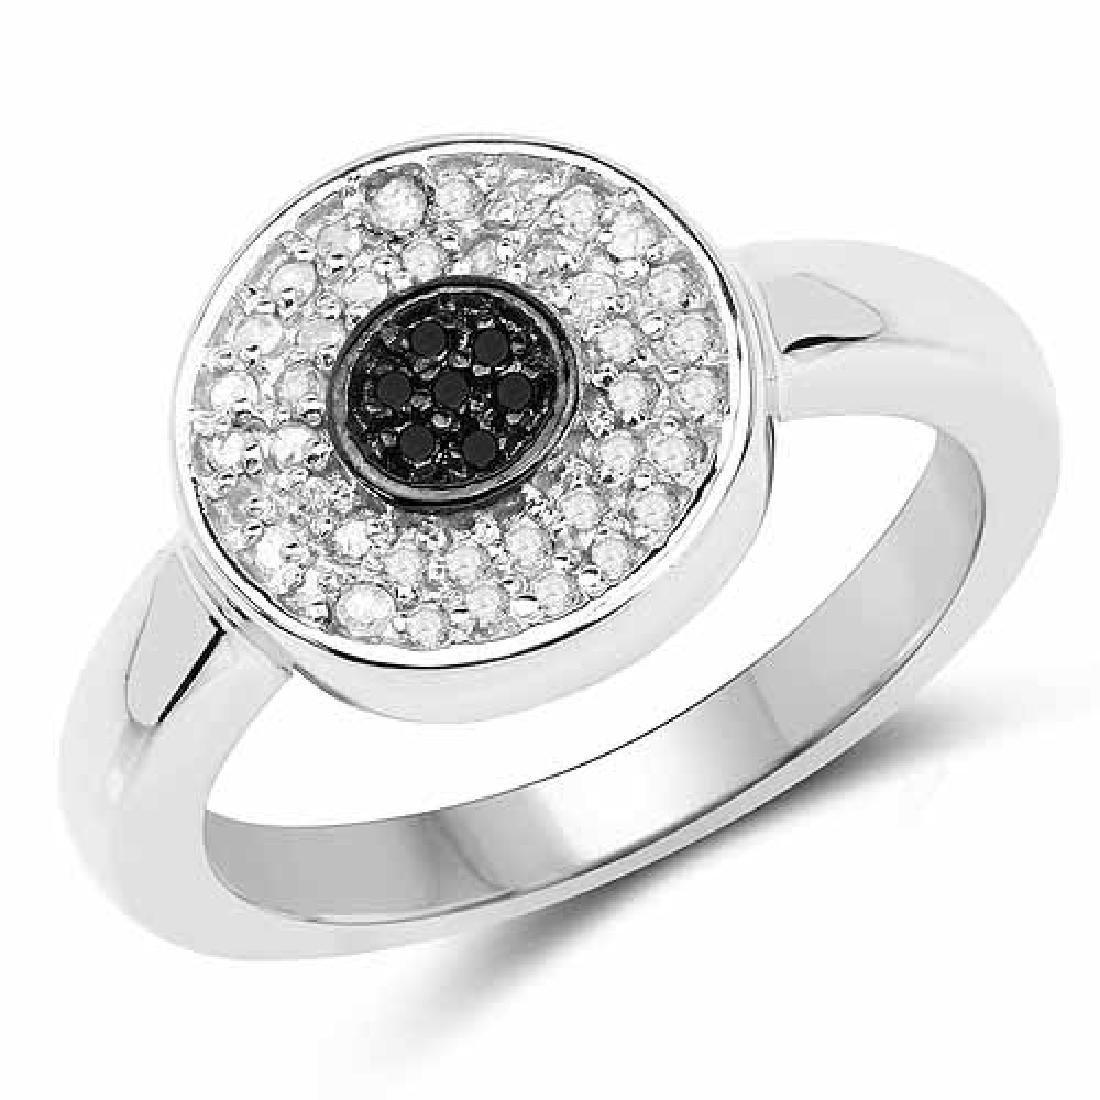 0.20 Carat Genuine Black Diamond and White Diamond .925